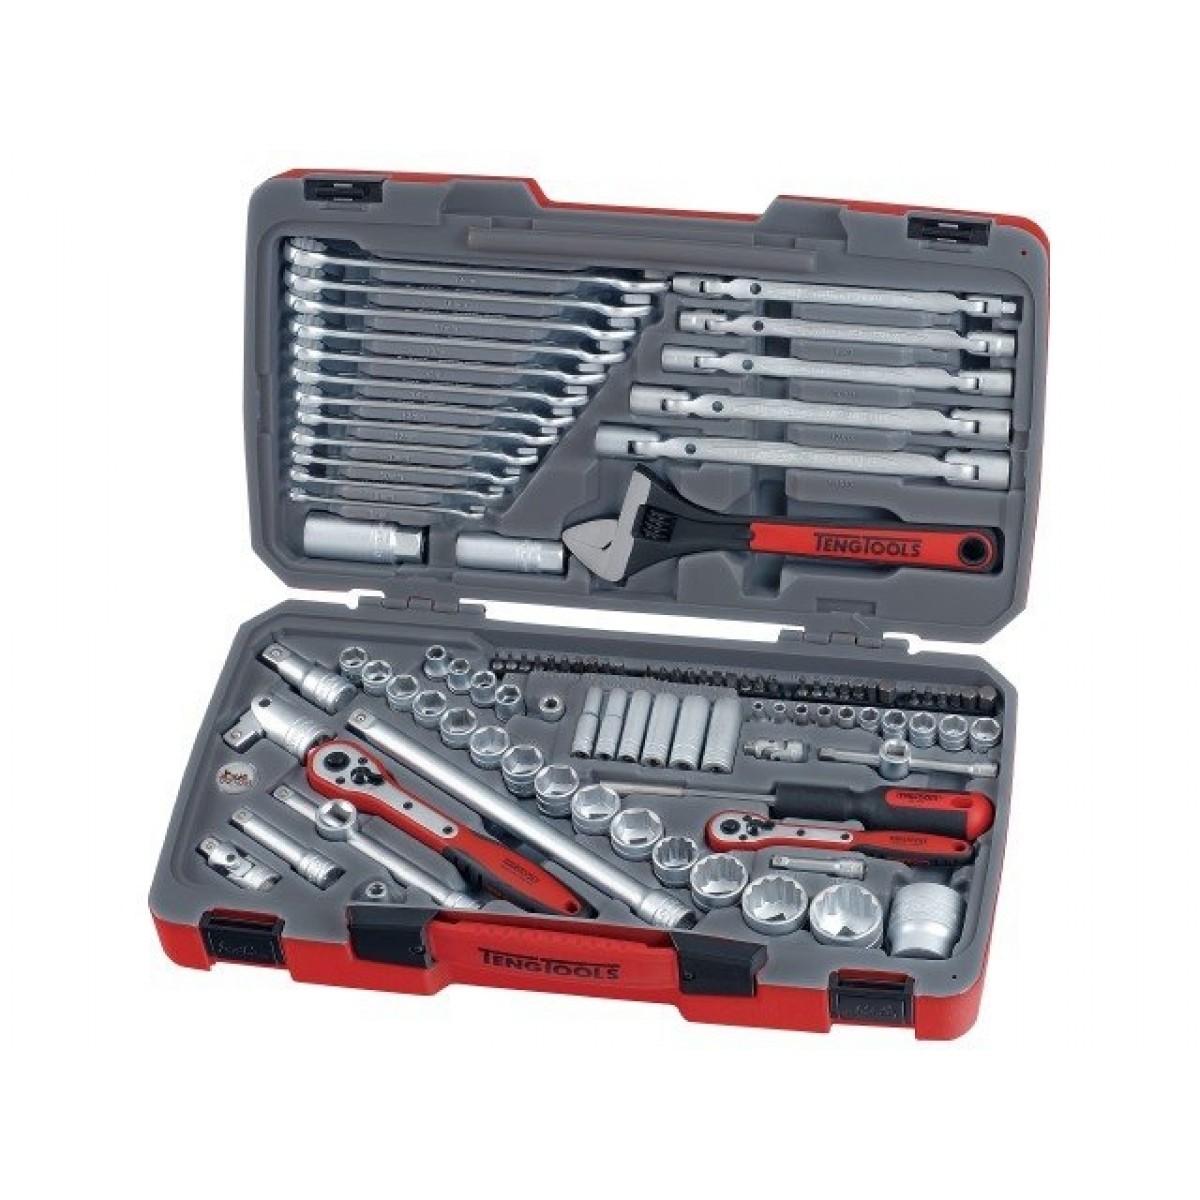 Teng Tools værktøjssæt 106 dele-31